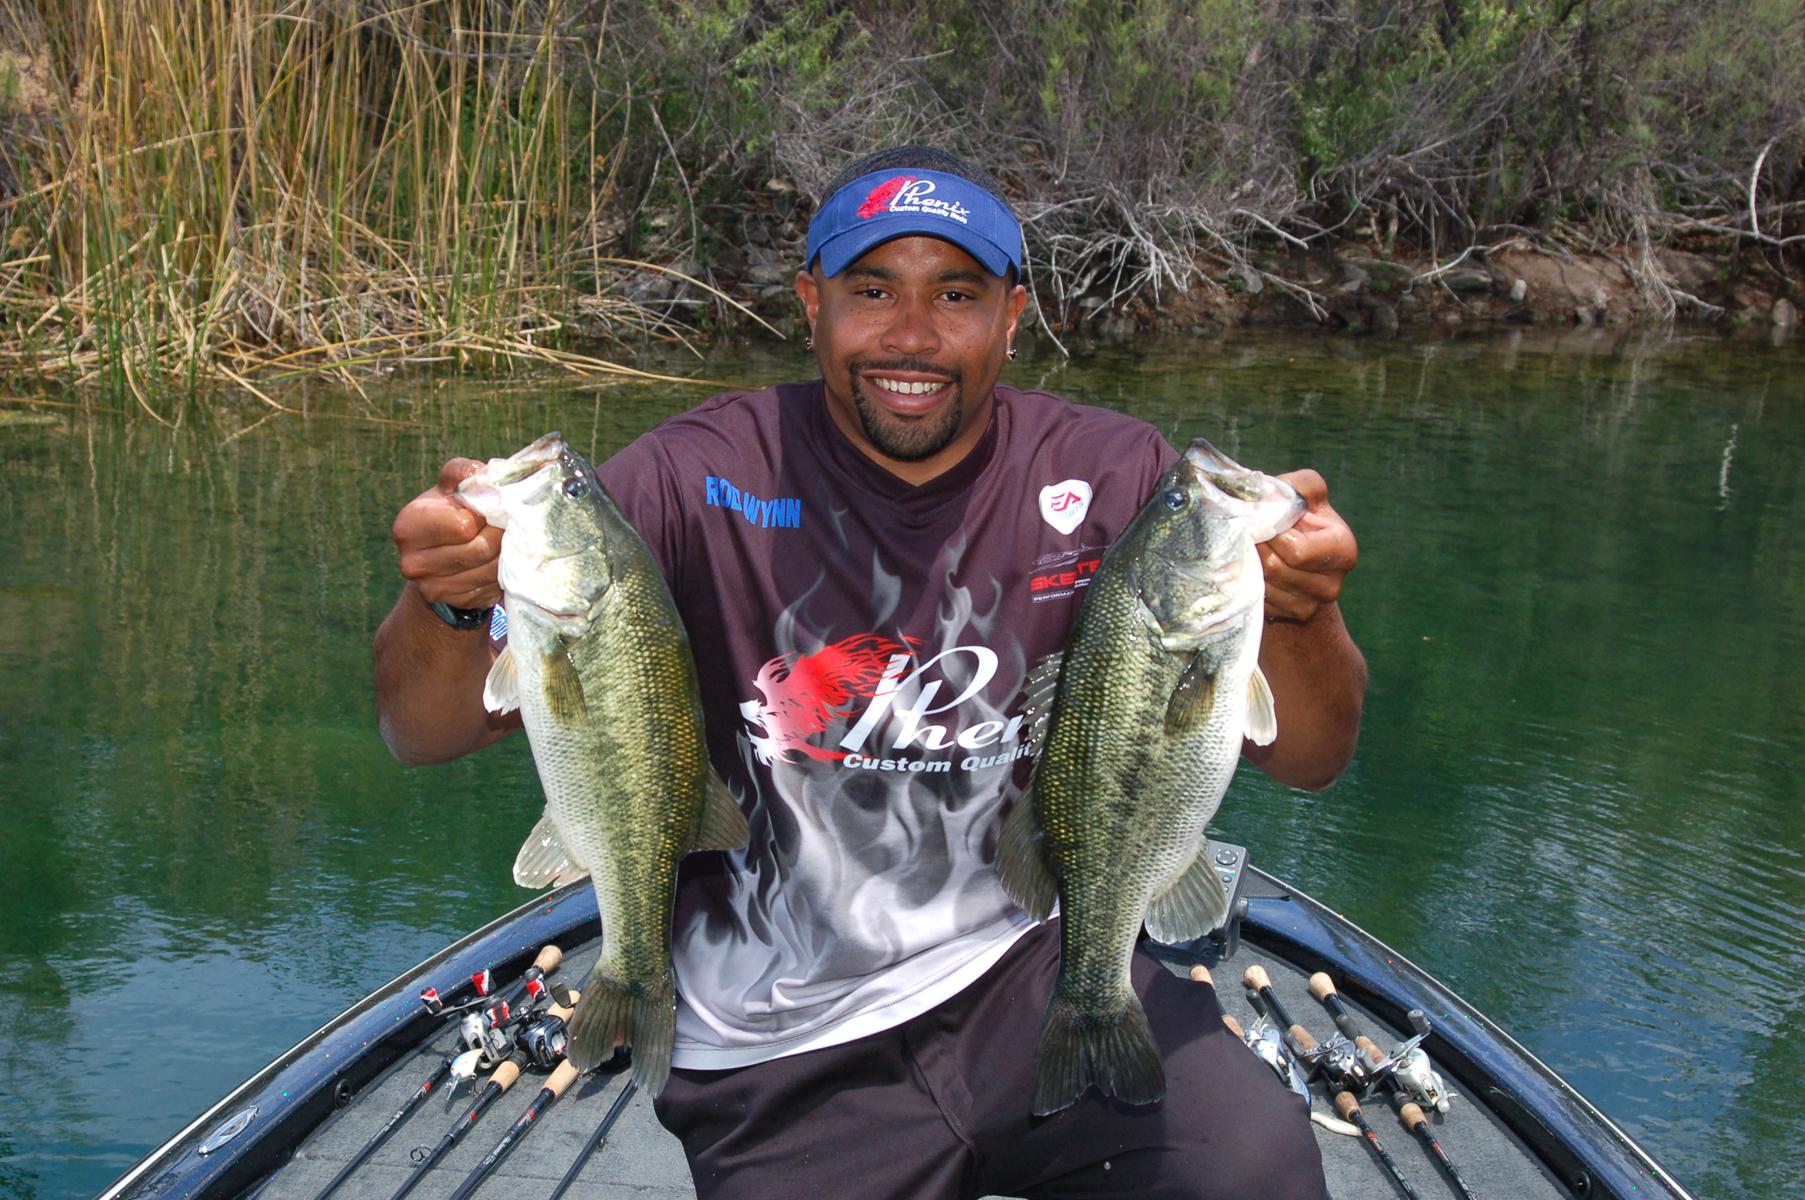 Lake skinner a winner today kramer gone fishing for Lake skinner fishing